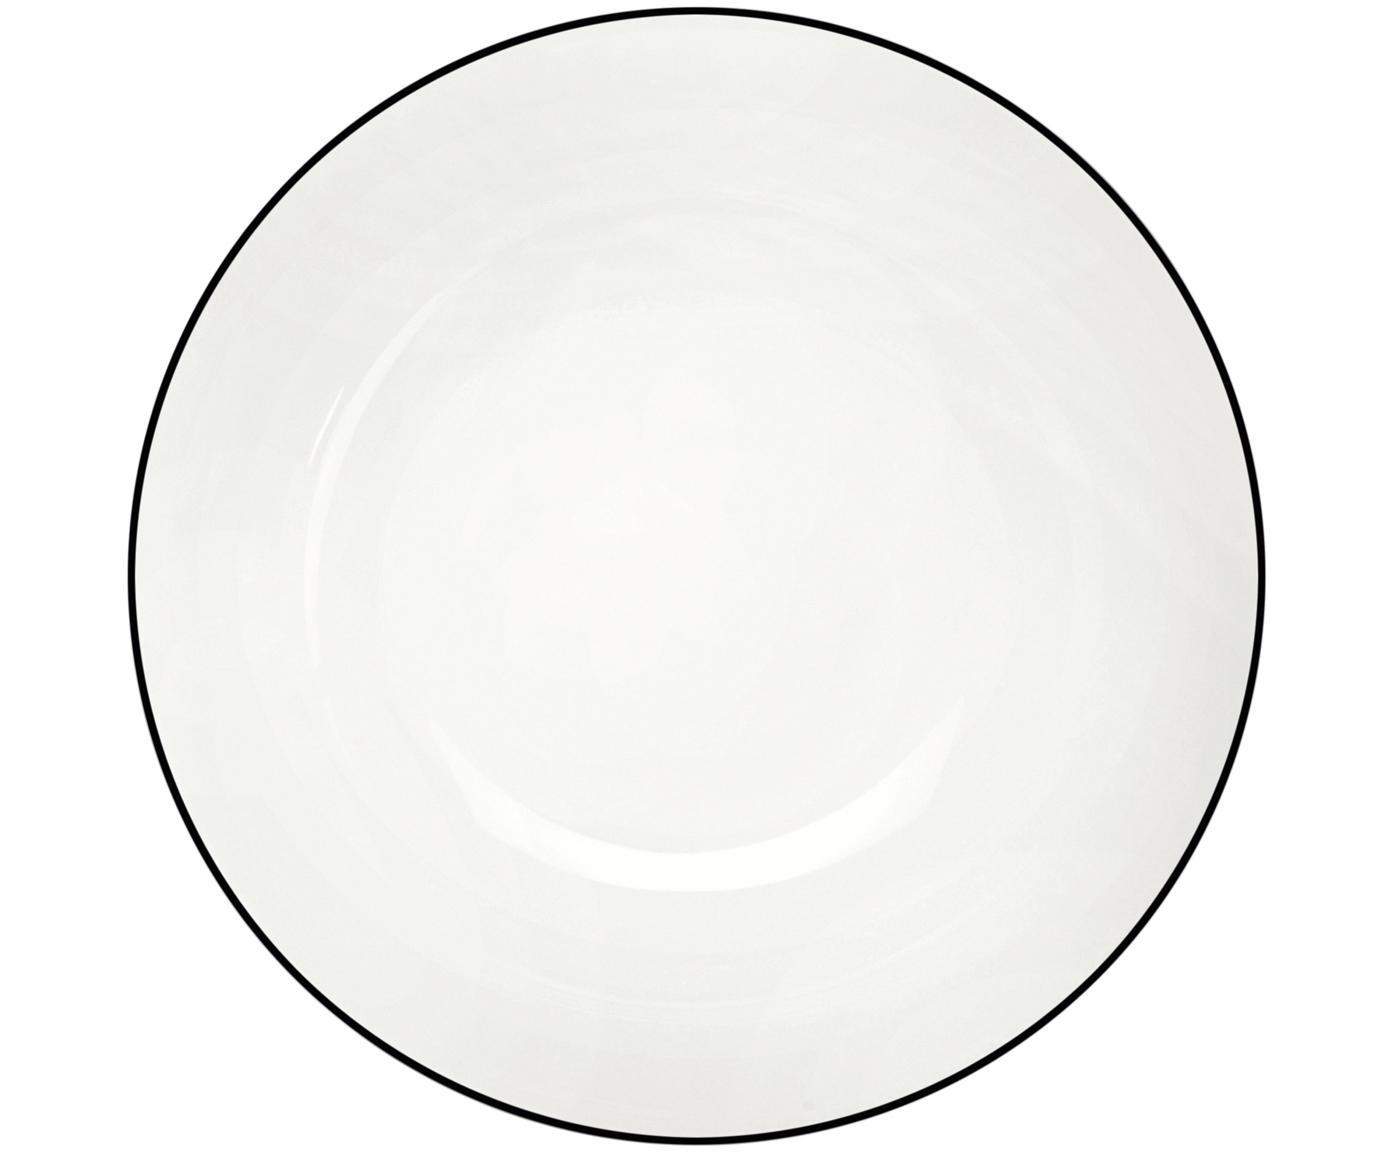 Dessertteller á table ligne noir, 4 Stück, Fine Bone China, Weiss<br>Rand: Schwarz, Ø 21 cm